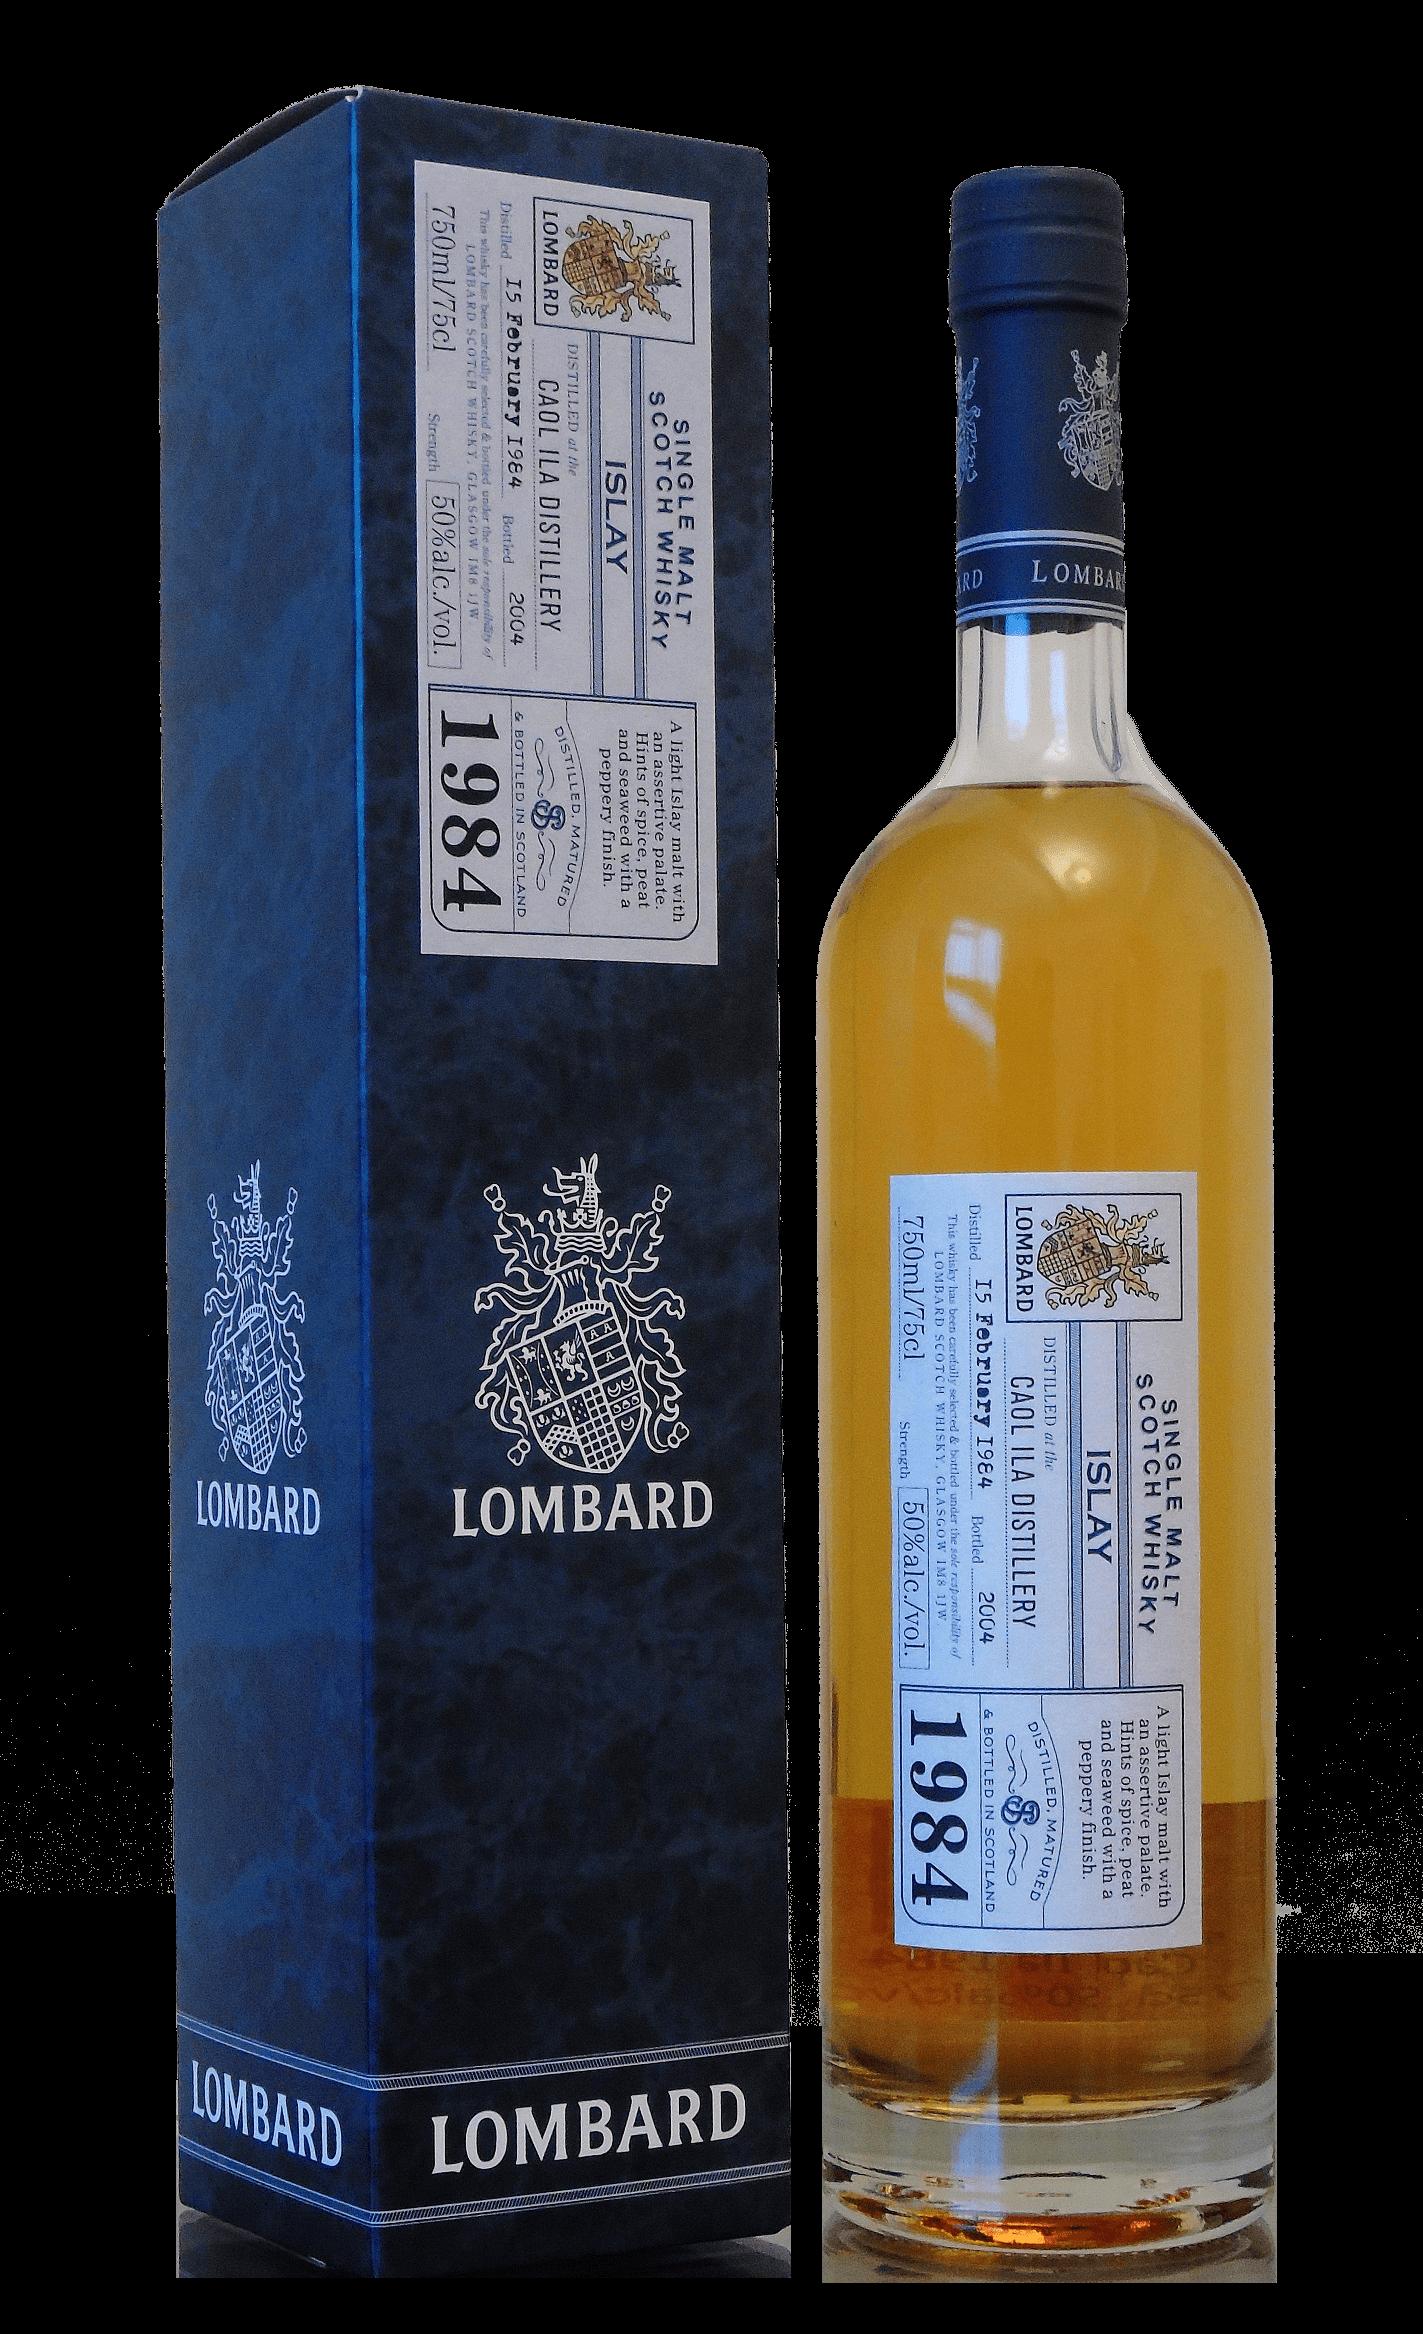 Lombard Coal Ila 1984 0,75 L